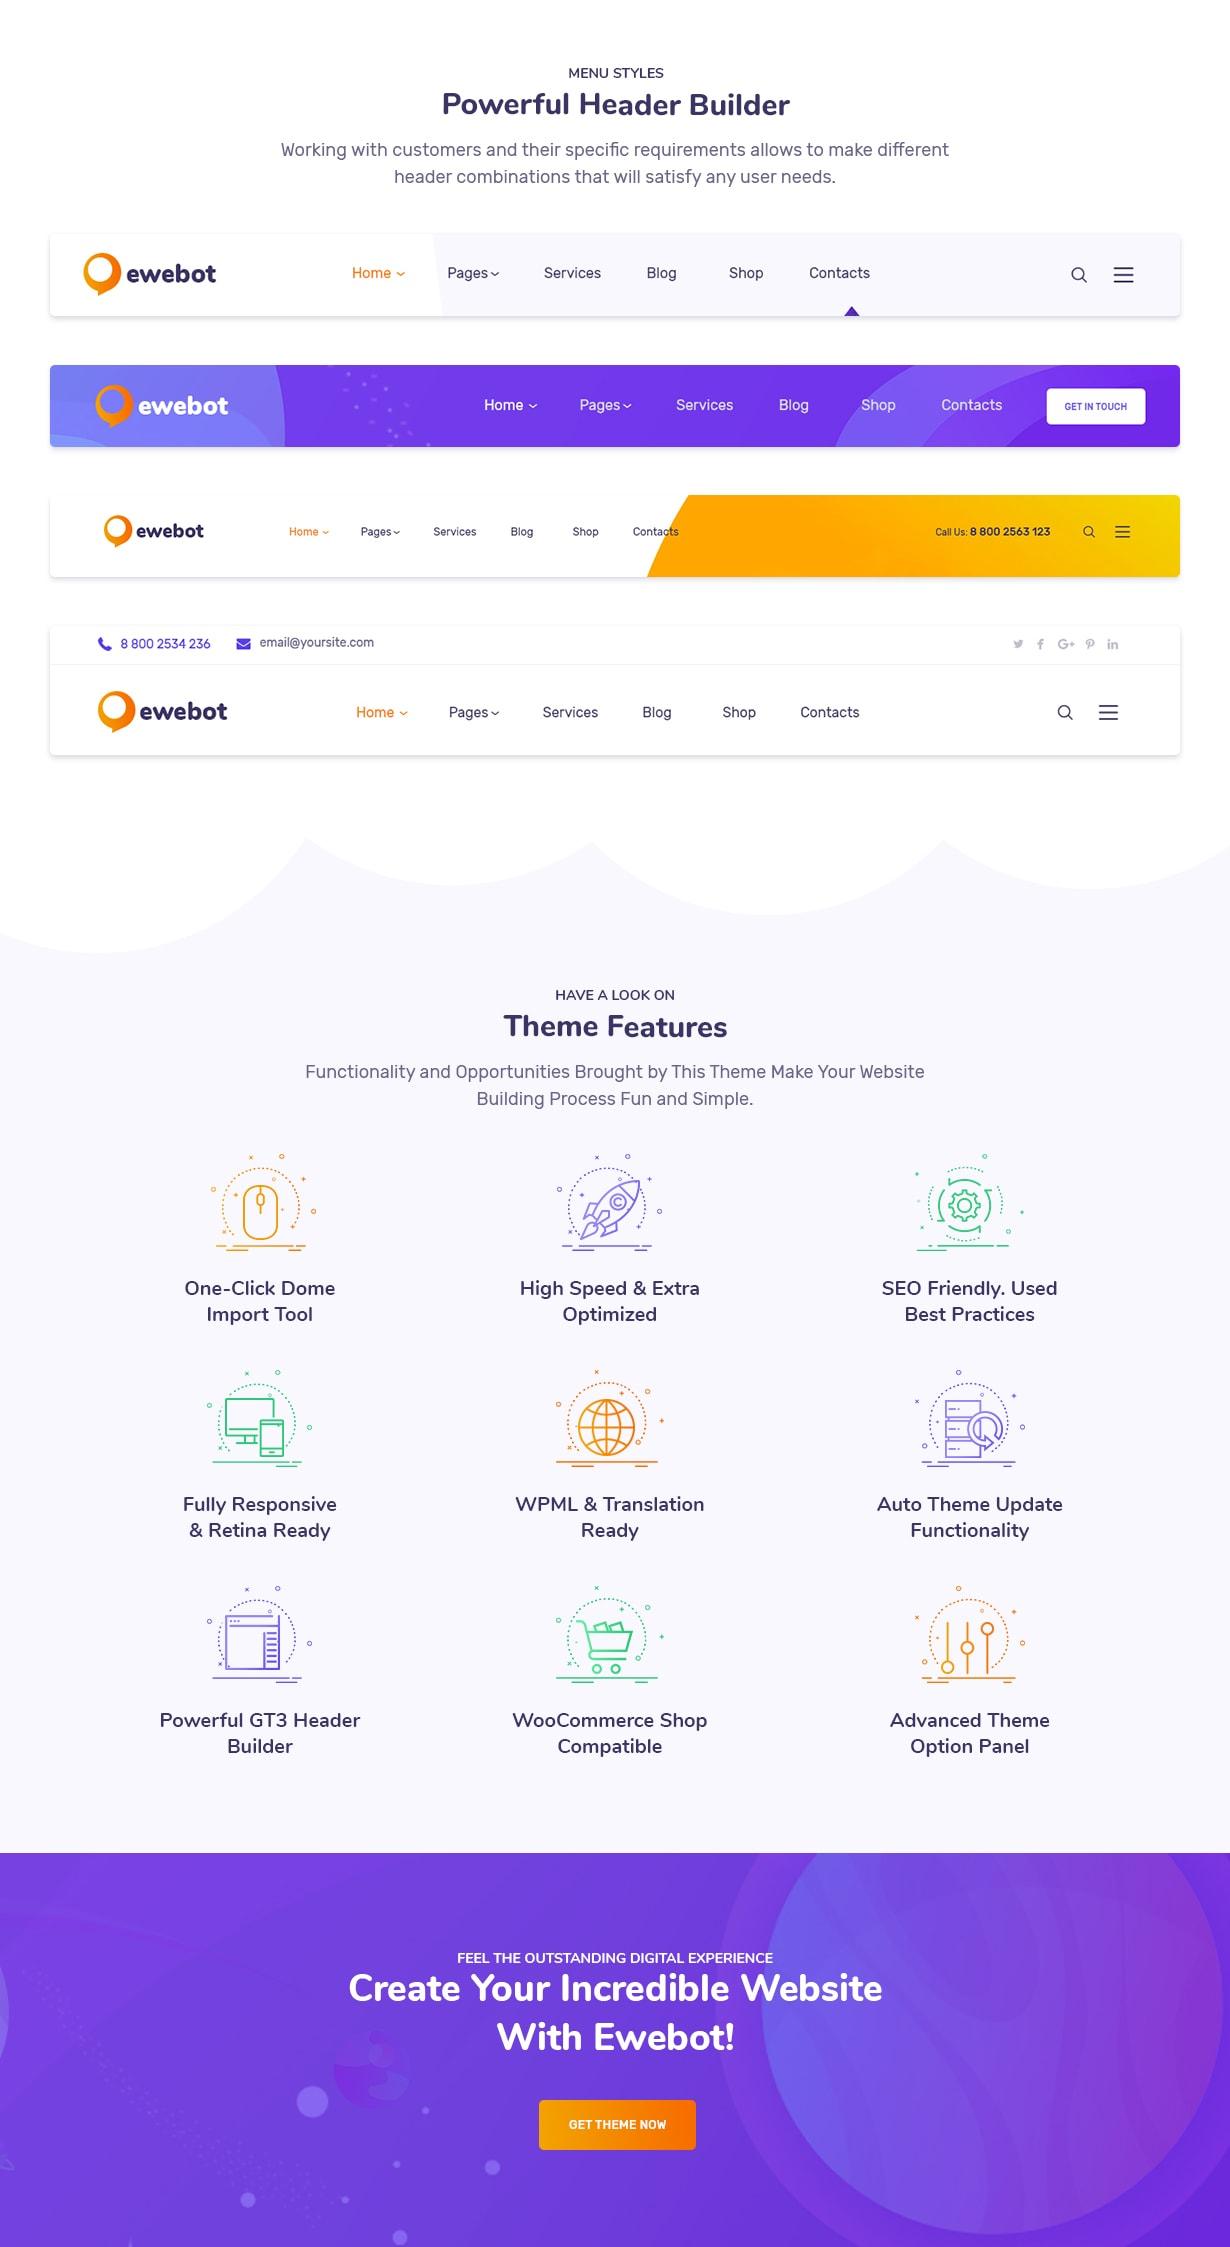 Ewebot - التسويق والوكالة الرقمية لتحسين محركات البحث - 8